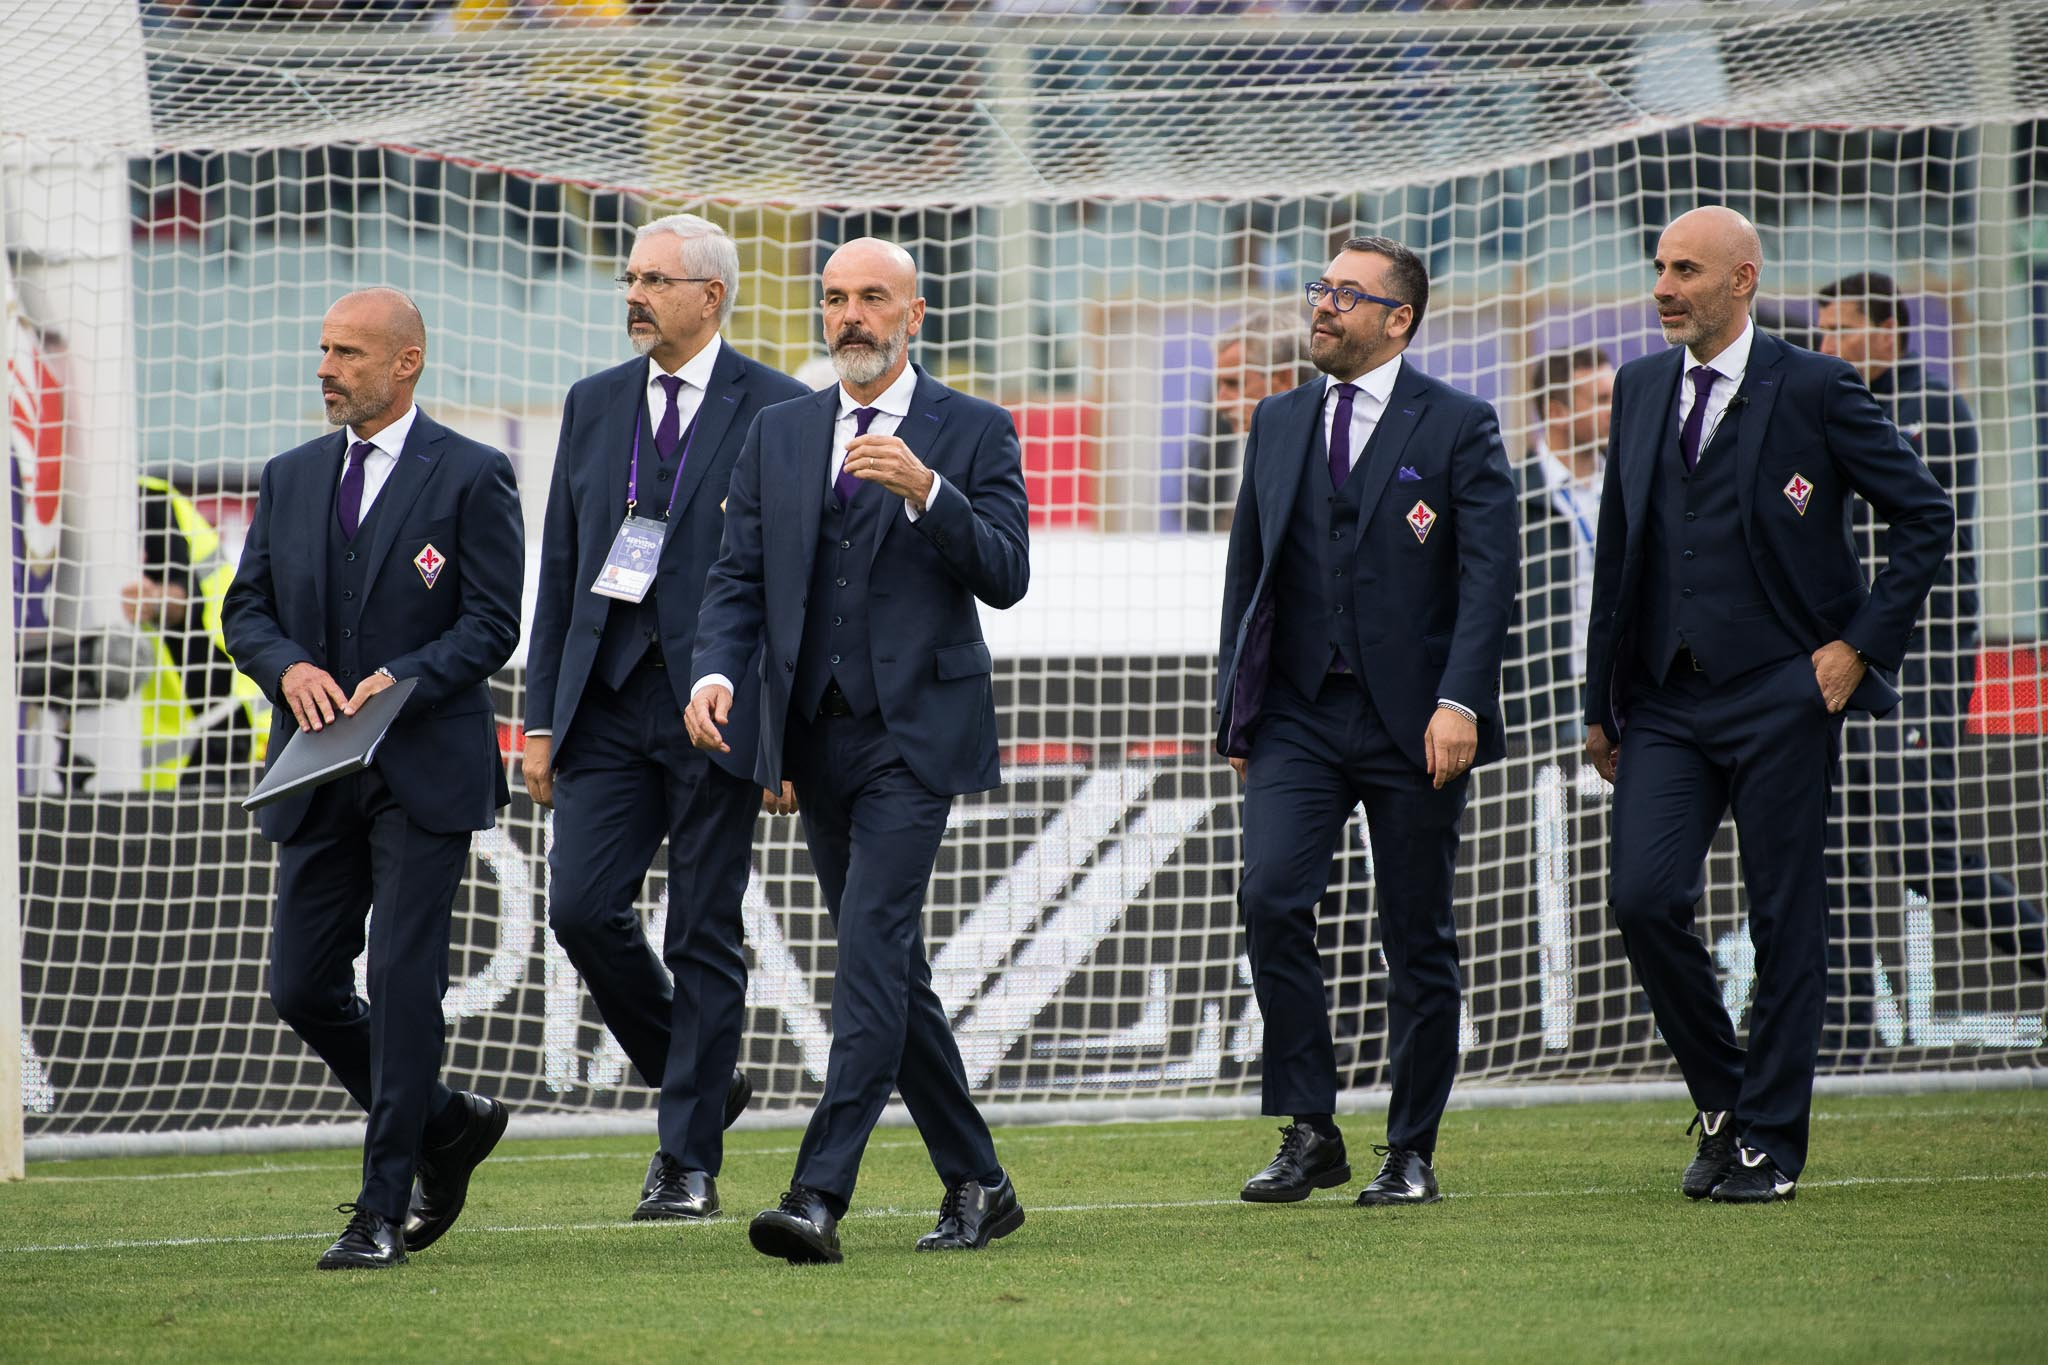 Un weekend da incubo: Primavera, Women e la Fiorentina di Pioli, ecco tre sconfitte di fila in due giorni